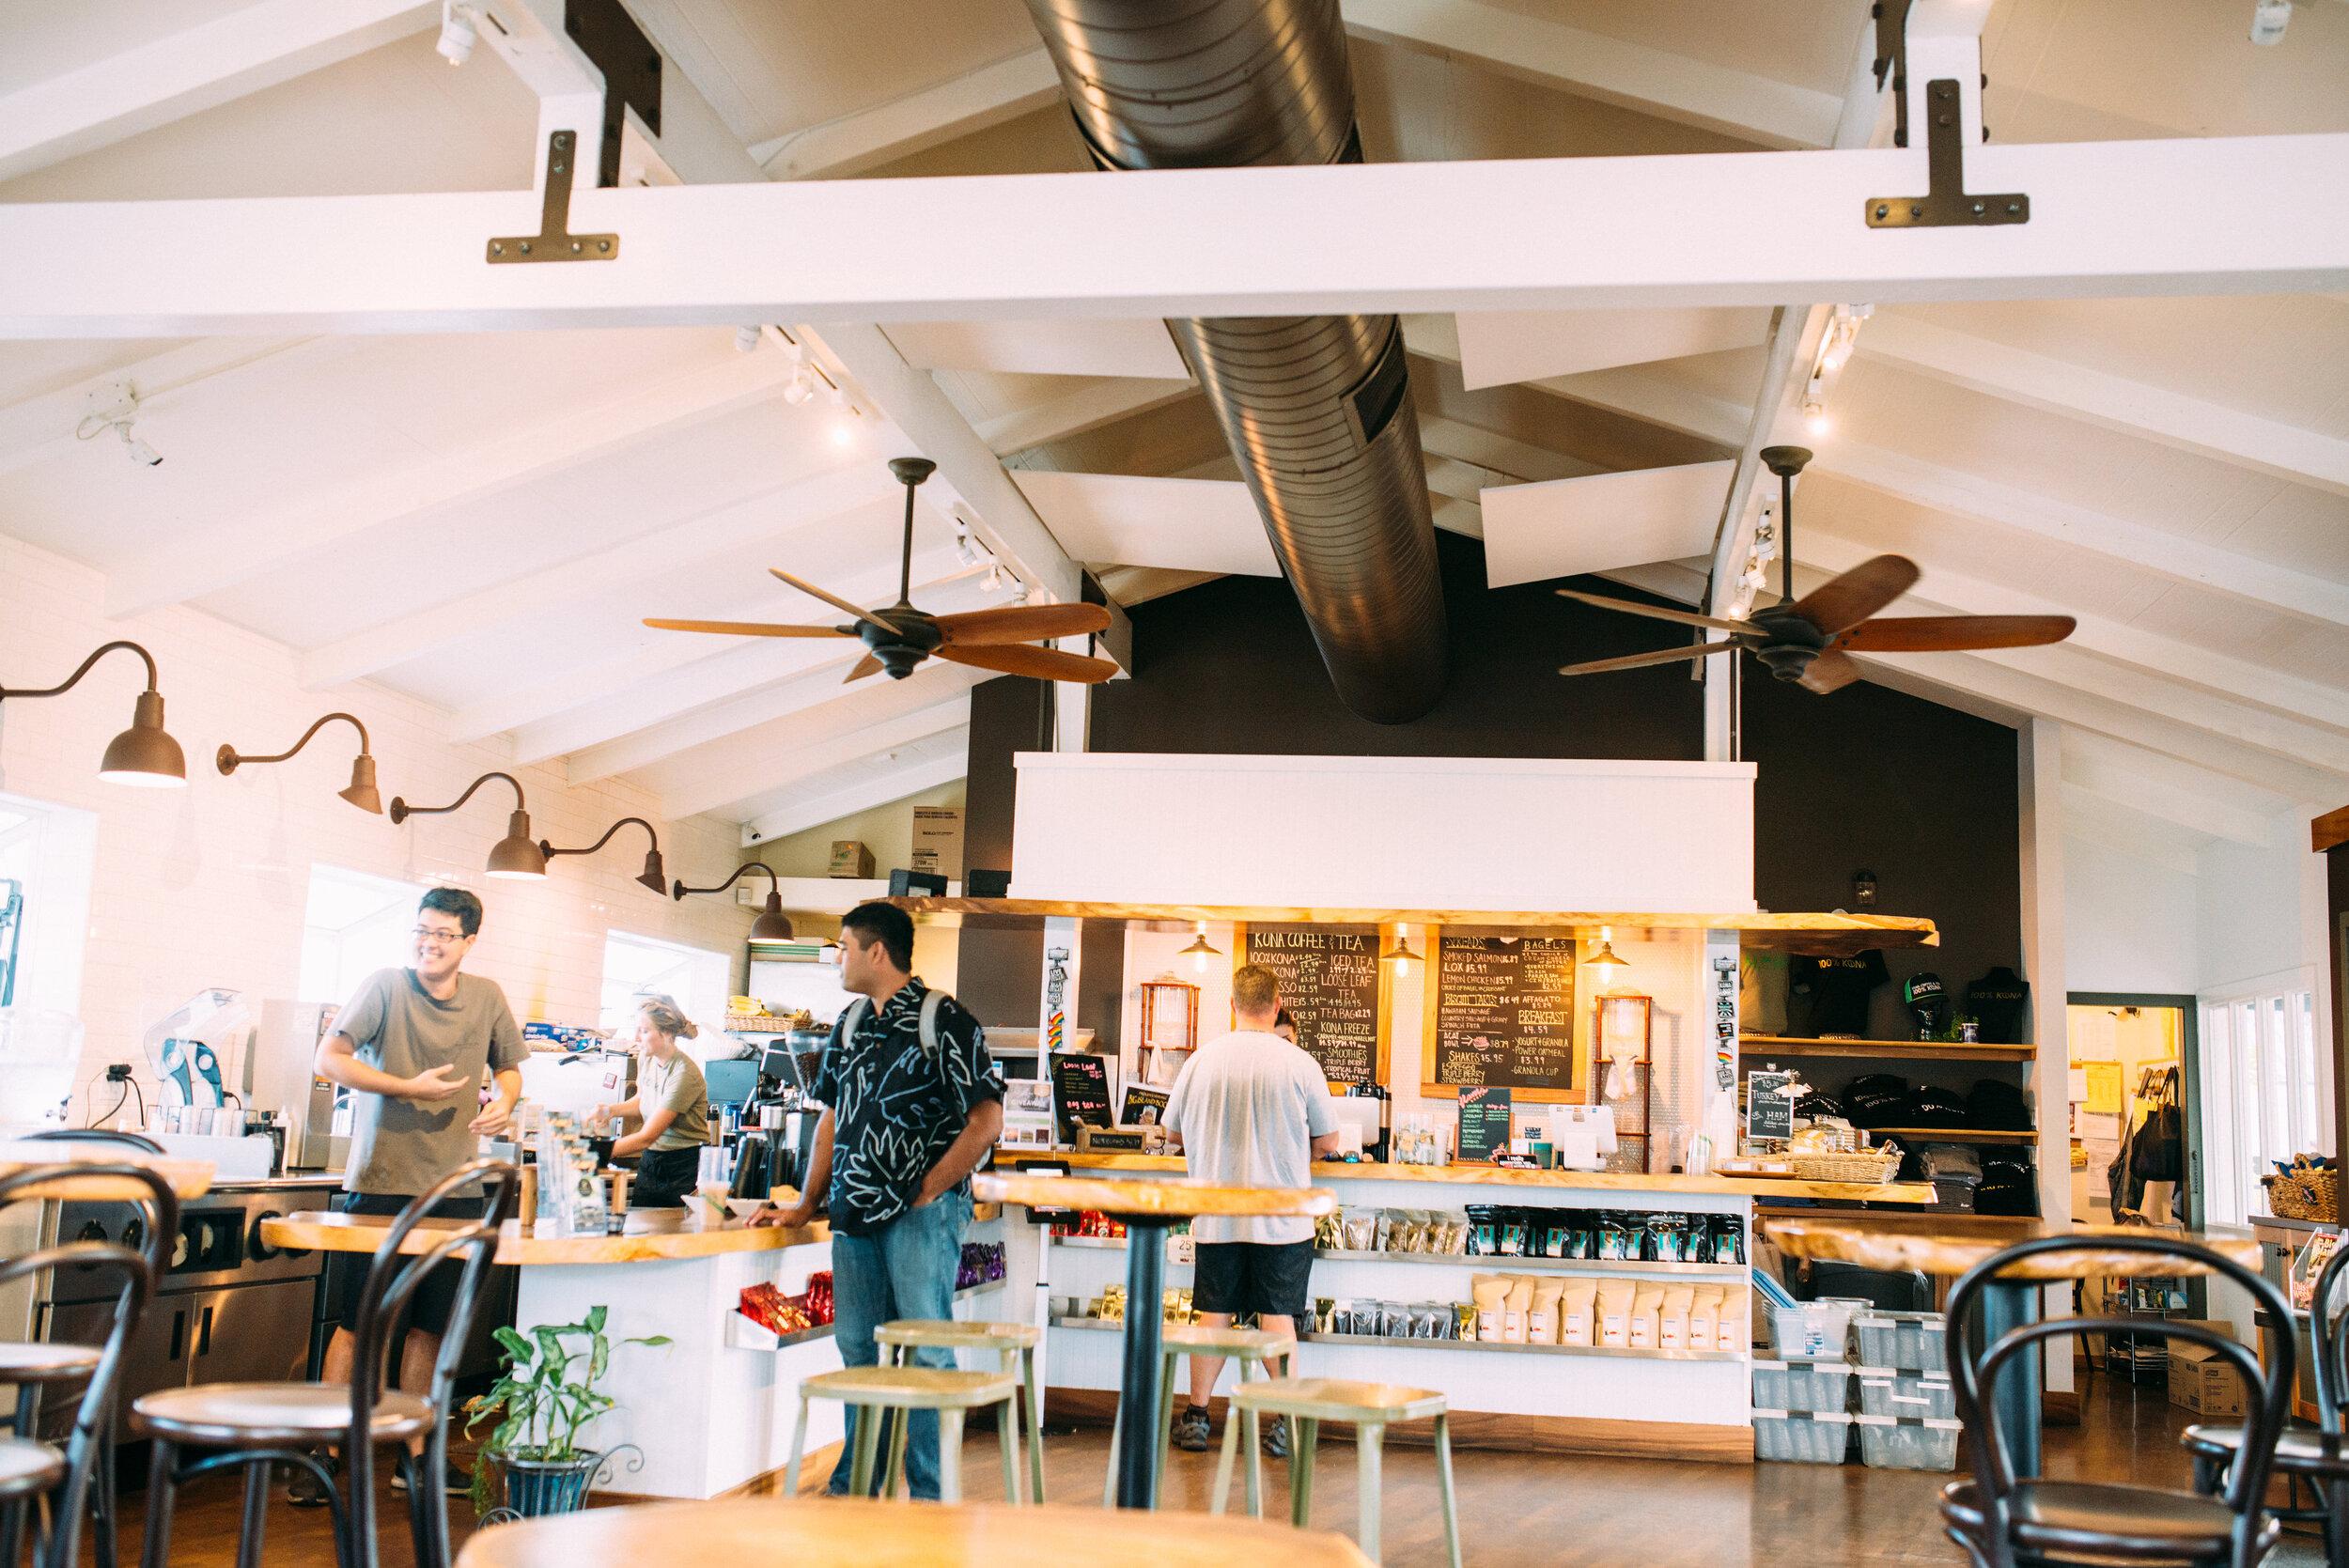 Kailua-Kona Cafe _Blake Wisz_Kona Coffee and Tea Co.jpg